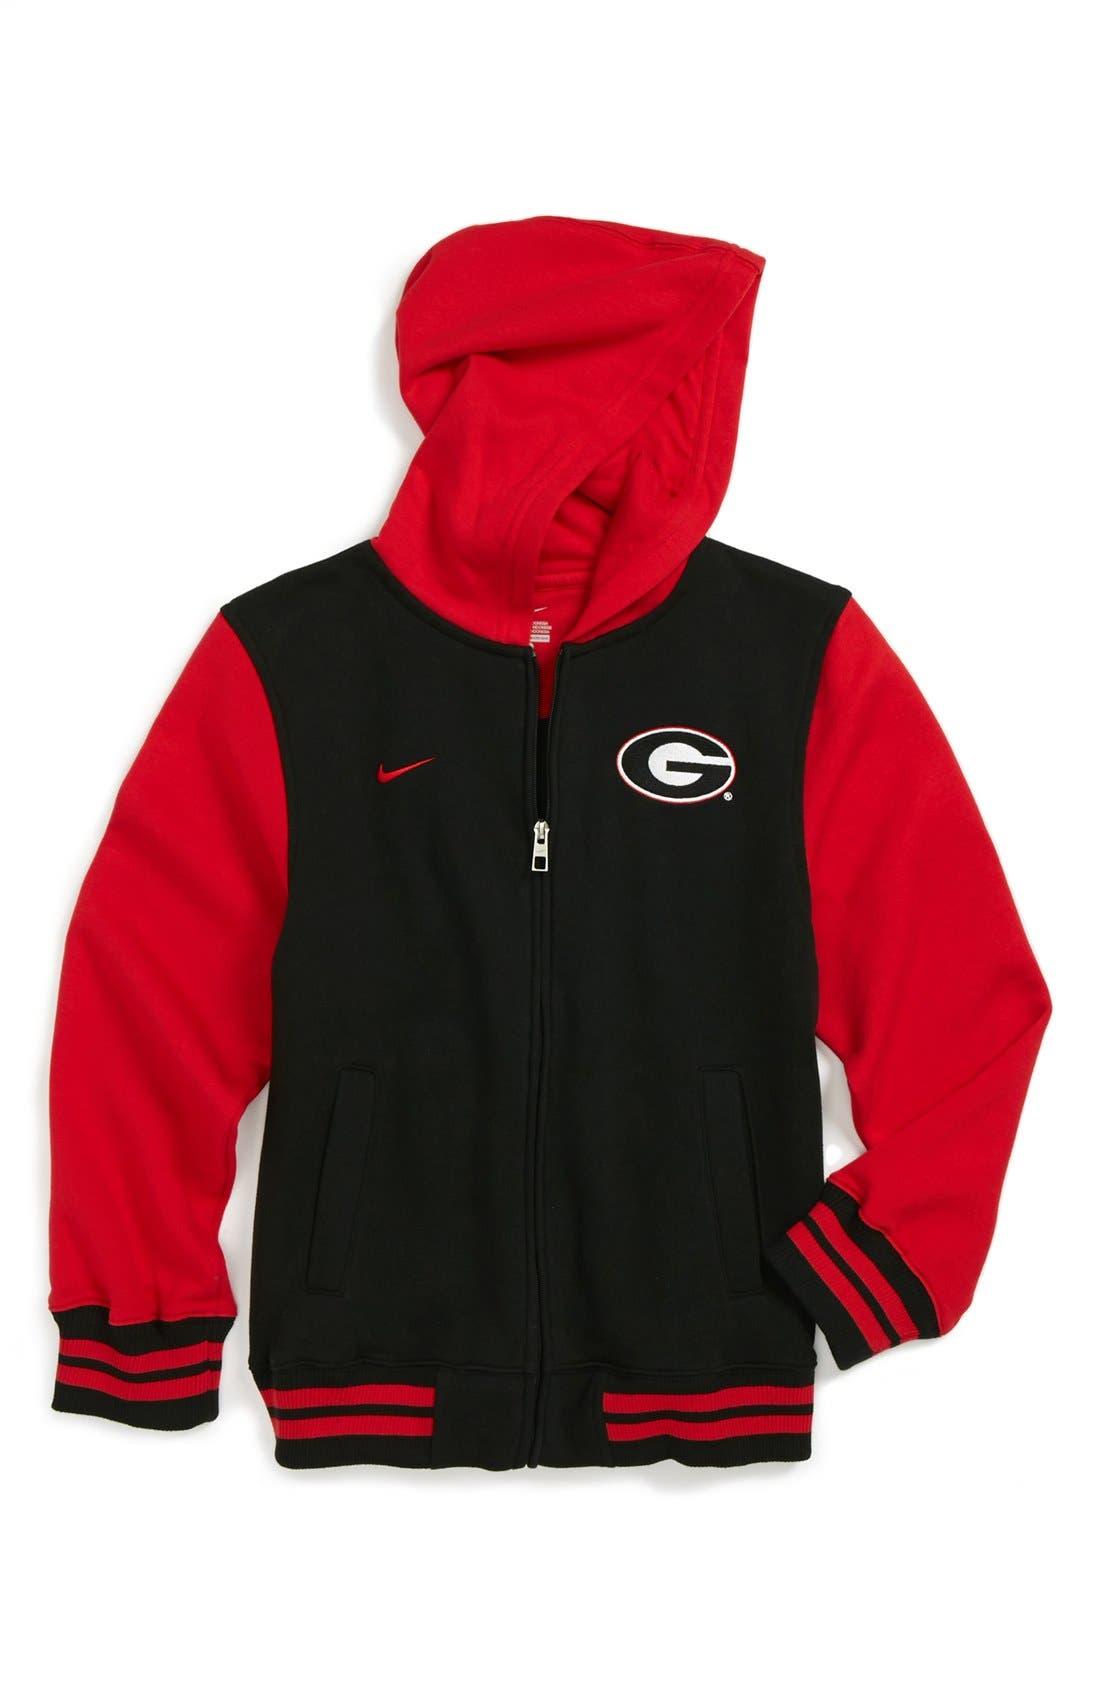 Main Image - Nike 'Georgia Bulldogs' Varsity Hoodie (Big Boys)